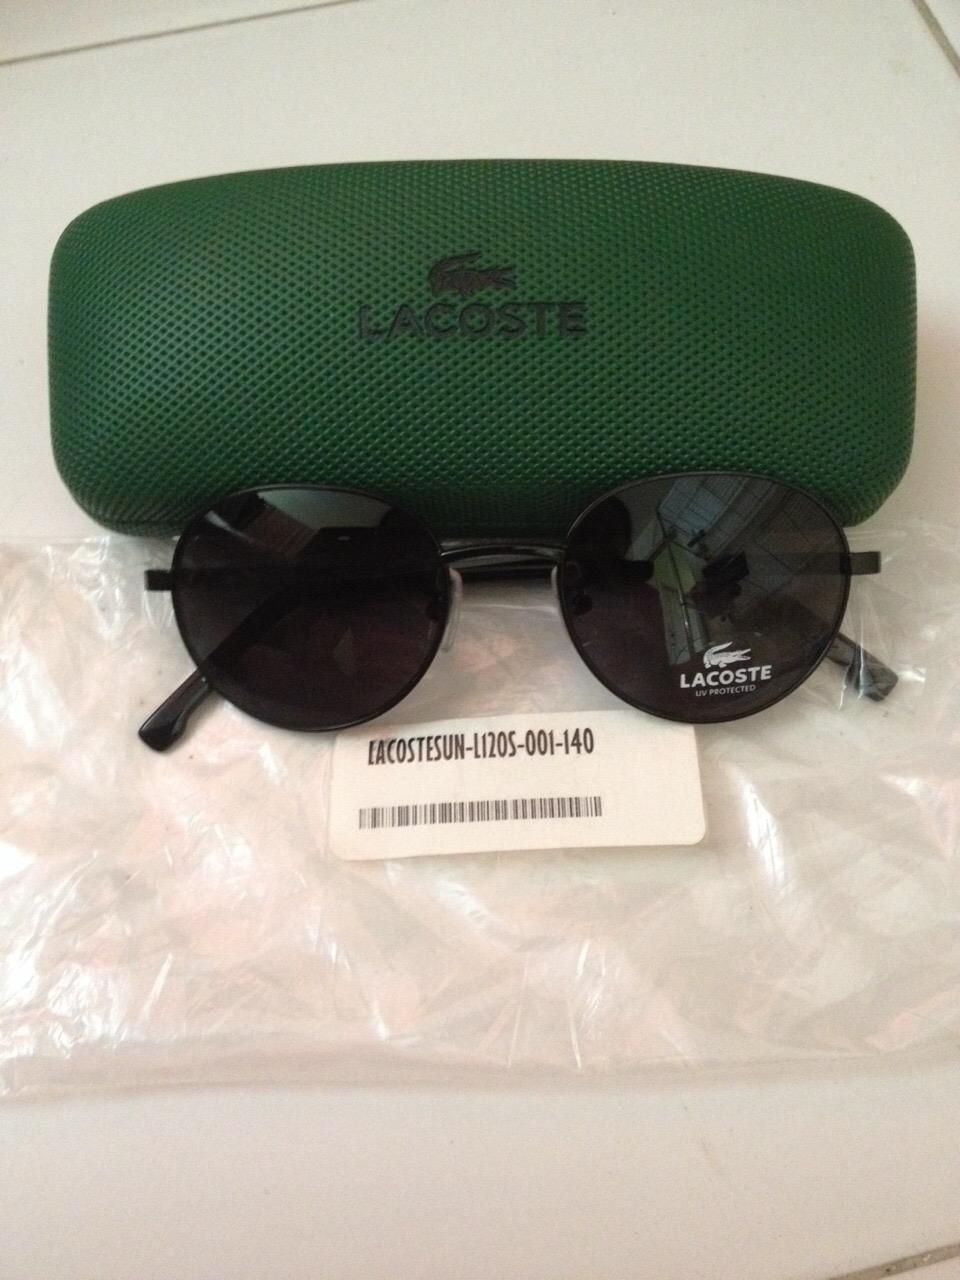 แว่นตากันแดด Lacoste พร้อมส่งที่ไทย 49 mm พร้อมกล่องแว่น สินค้าลดราคาพิเศษ